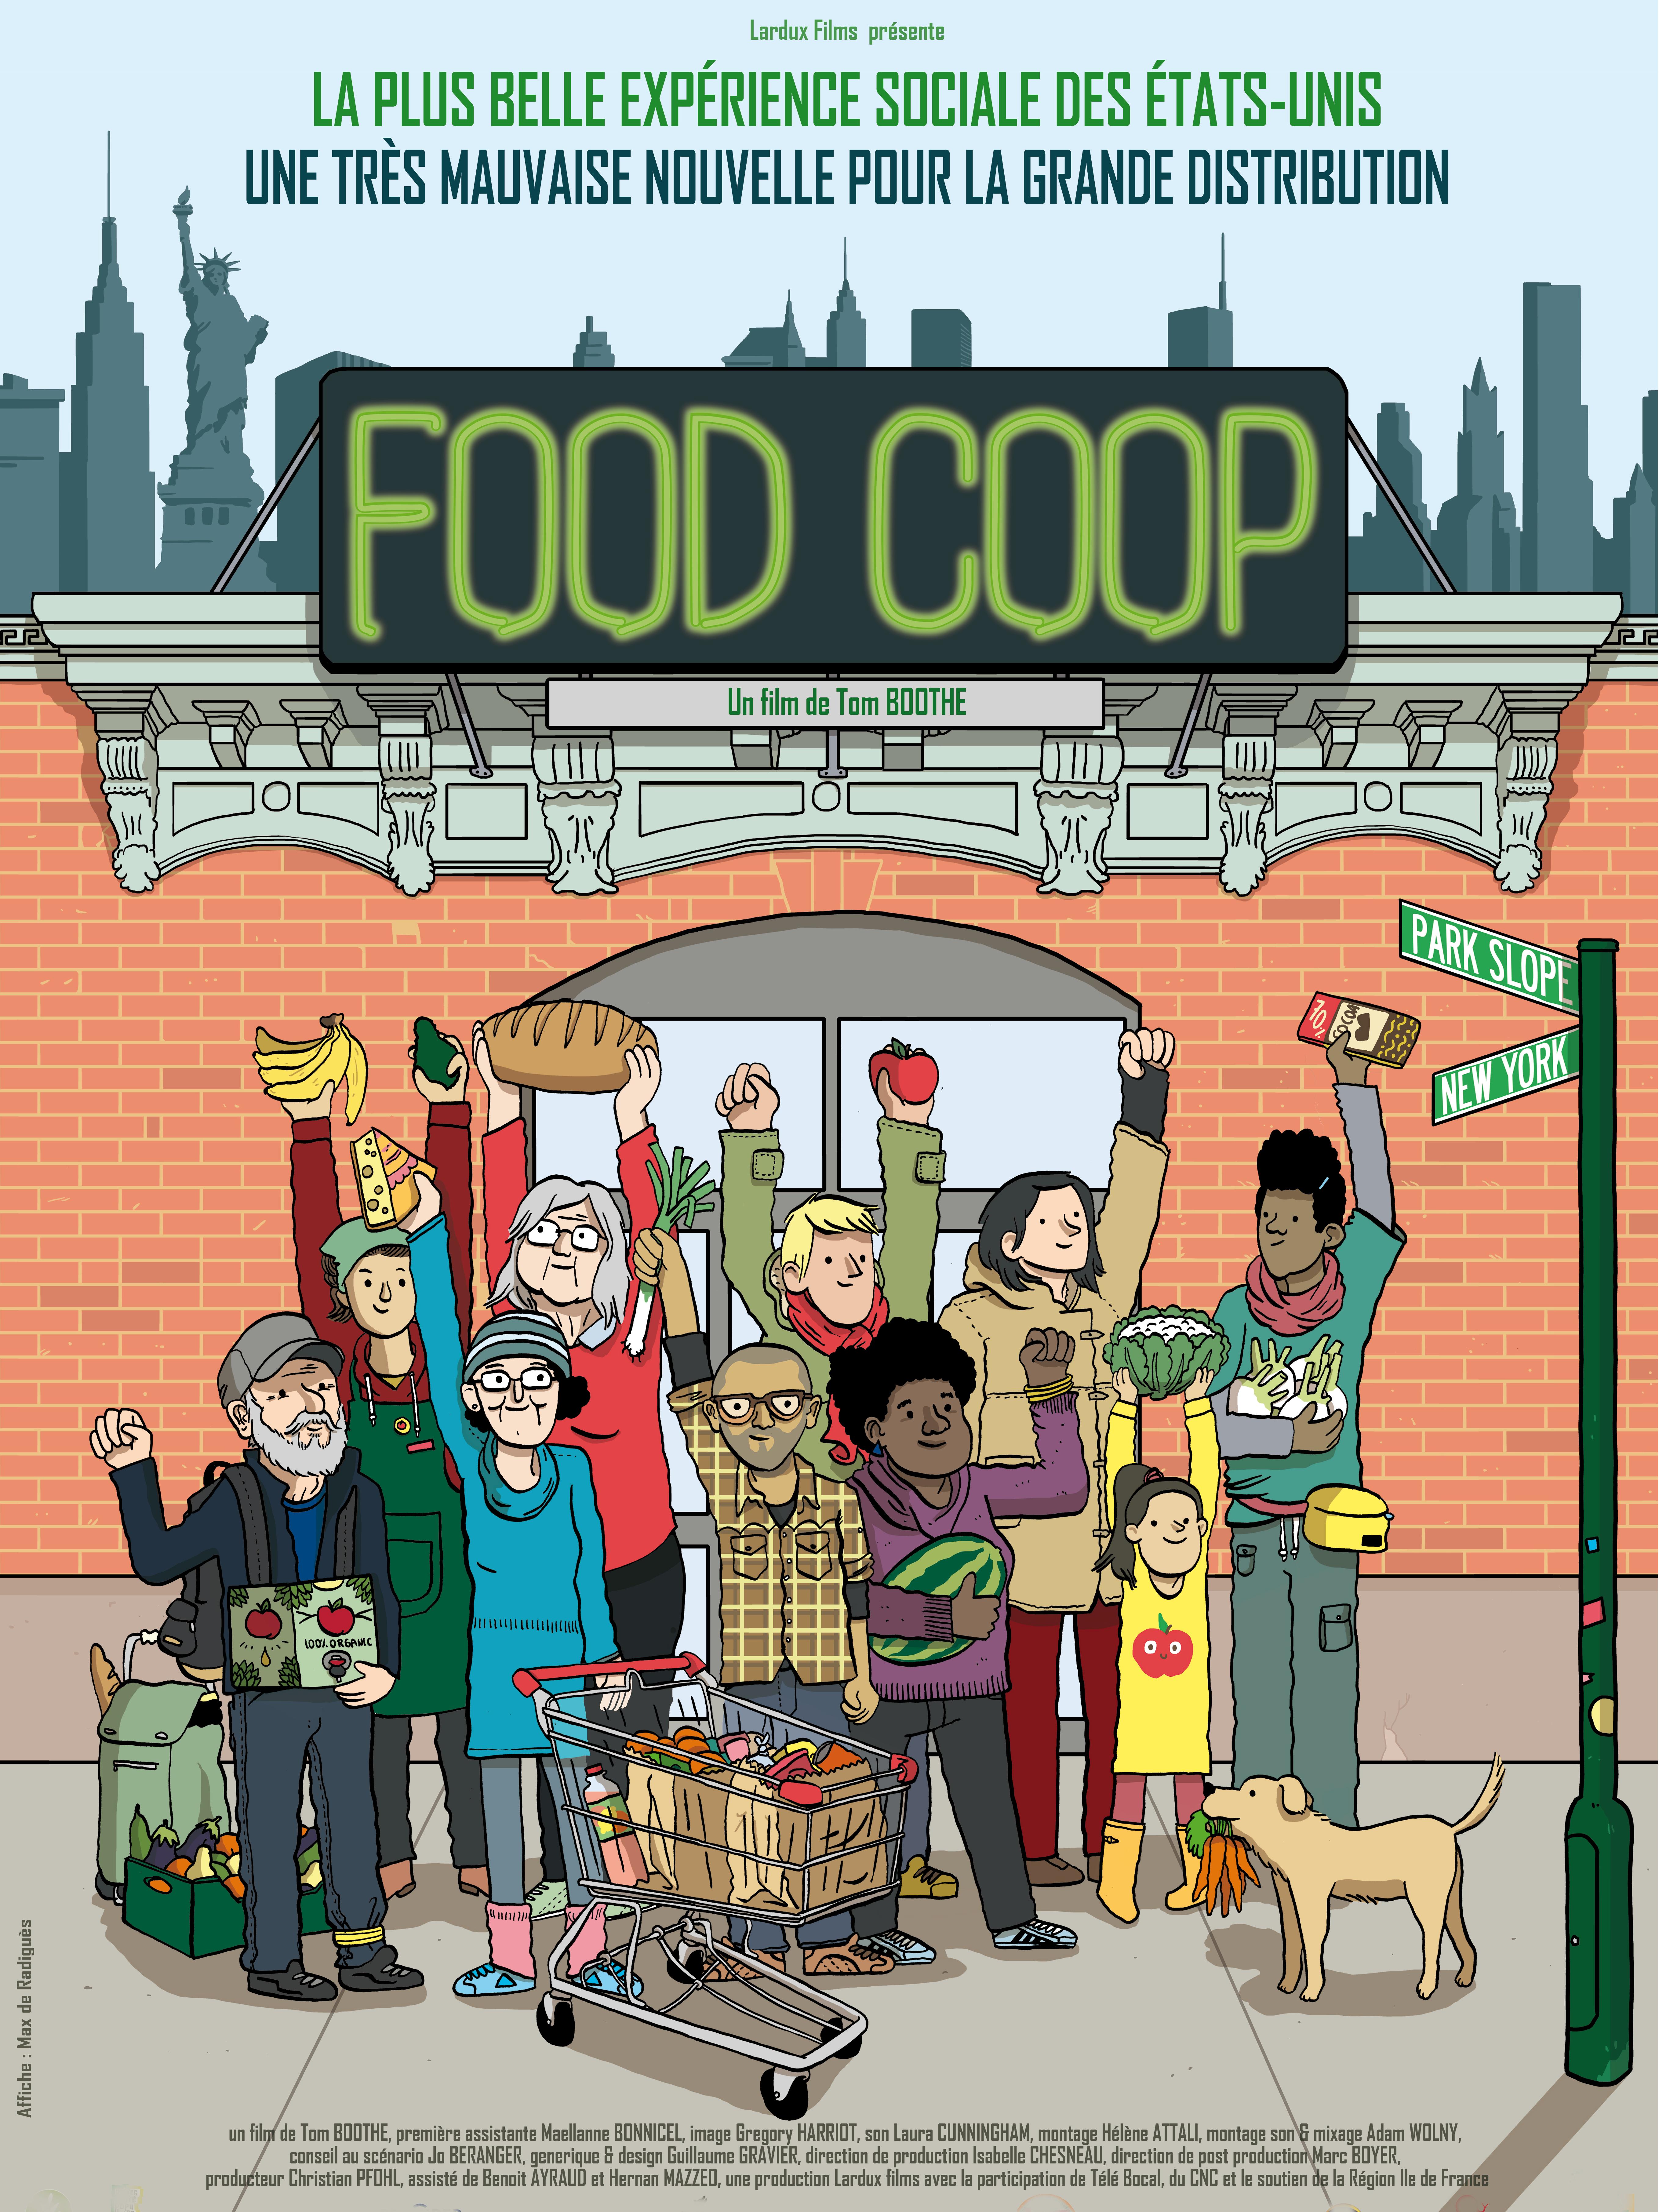 Food Coop |